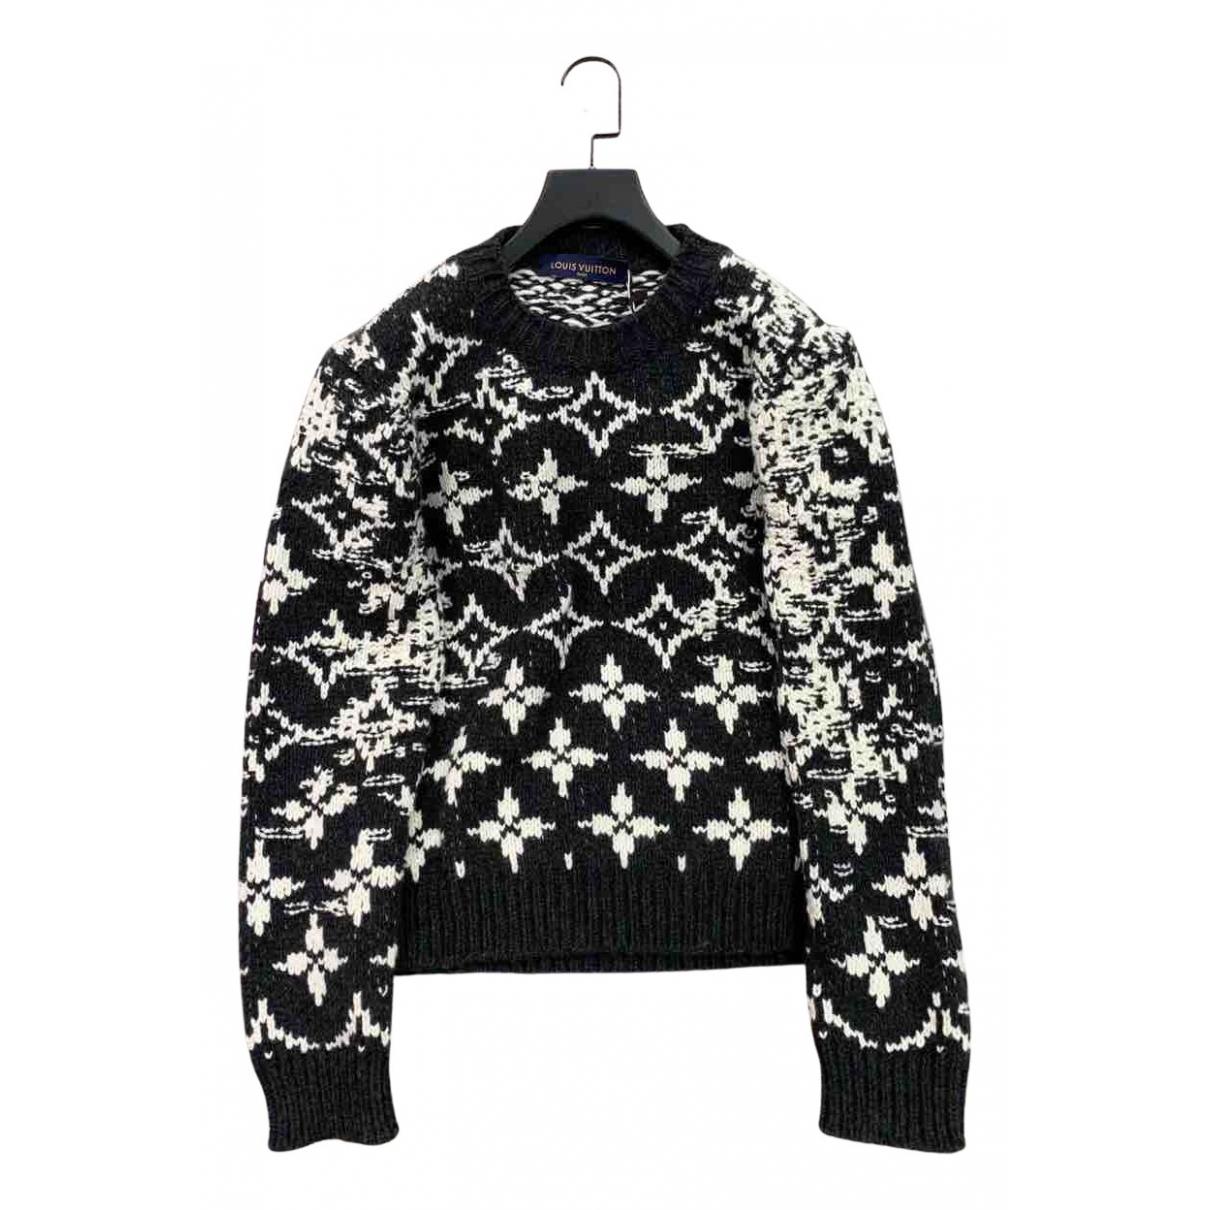 Louis Vuitton \N Top in  Schwarz Wolle